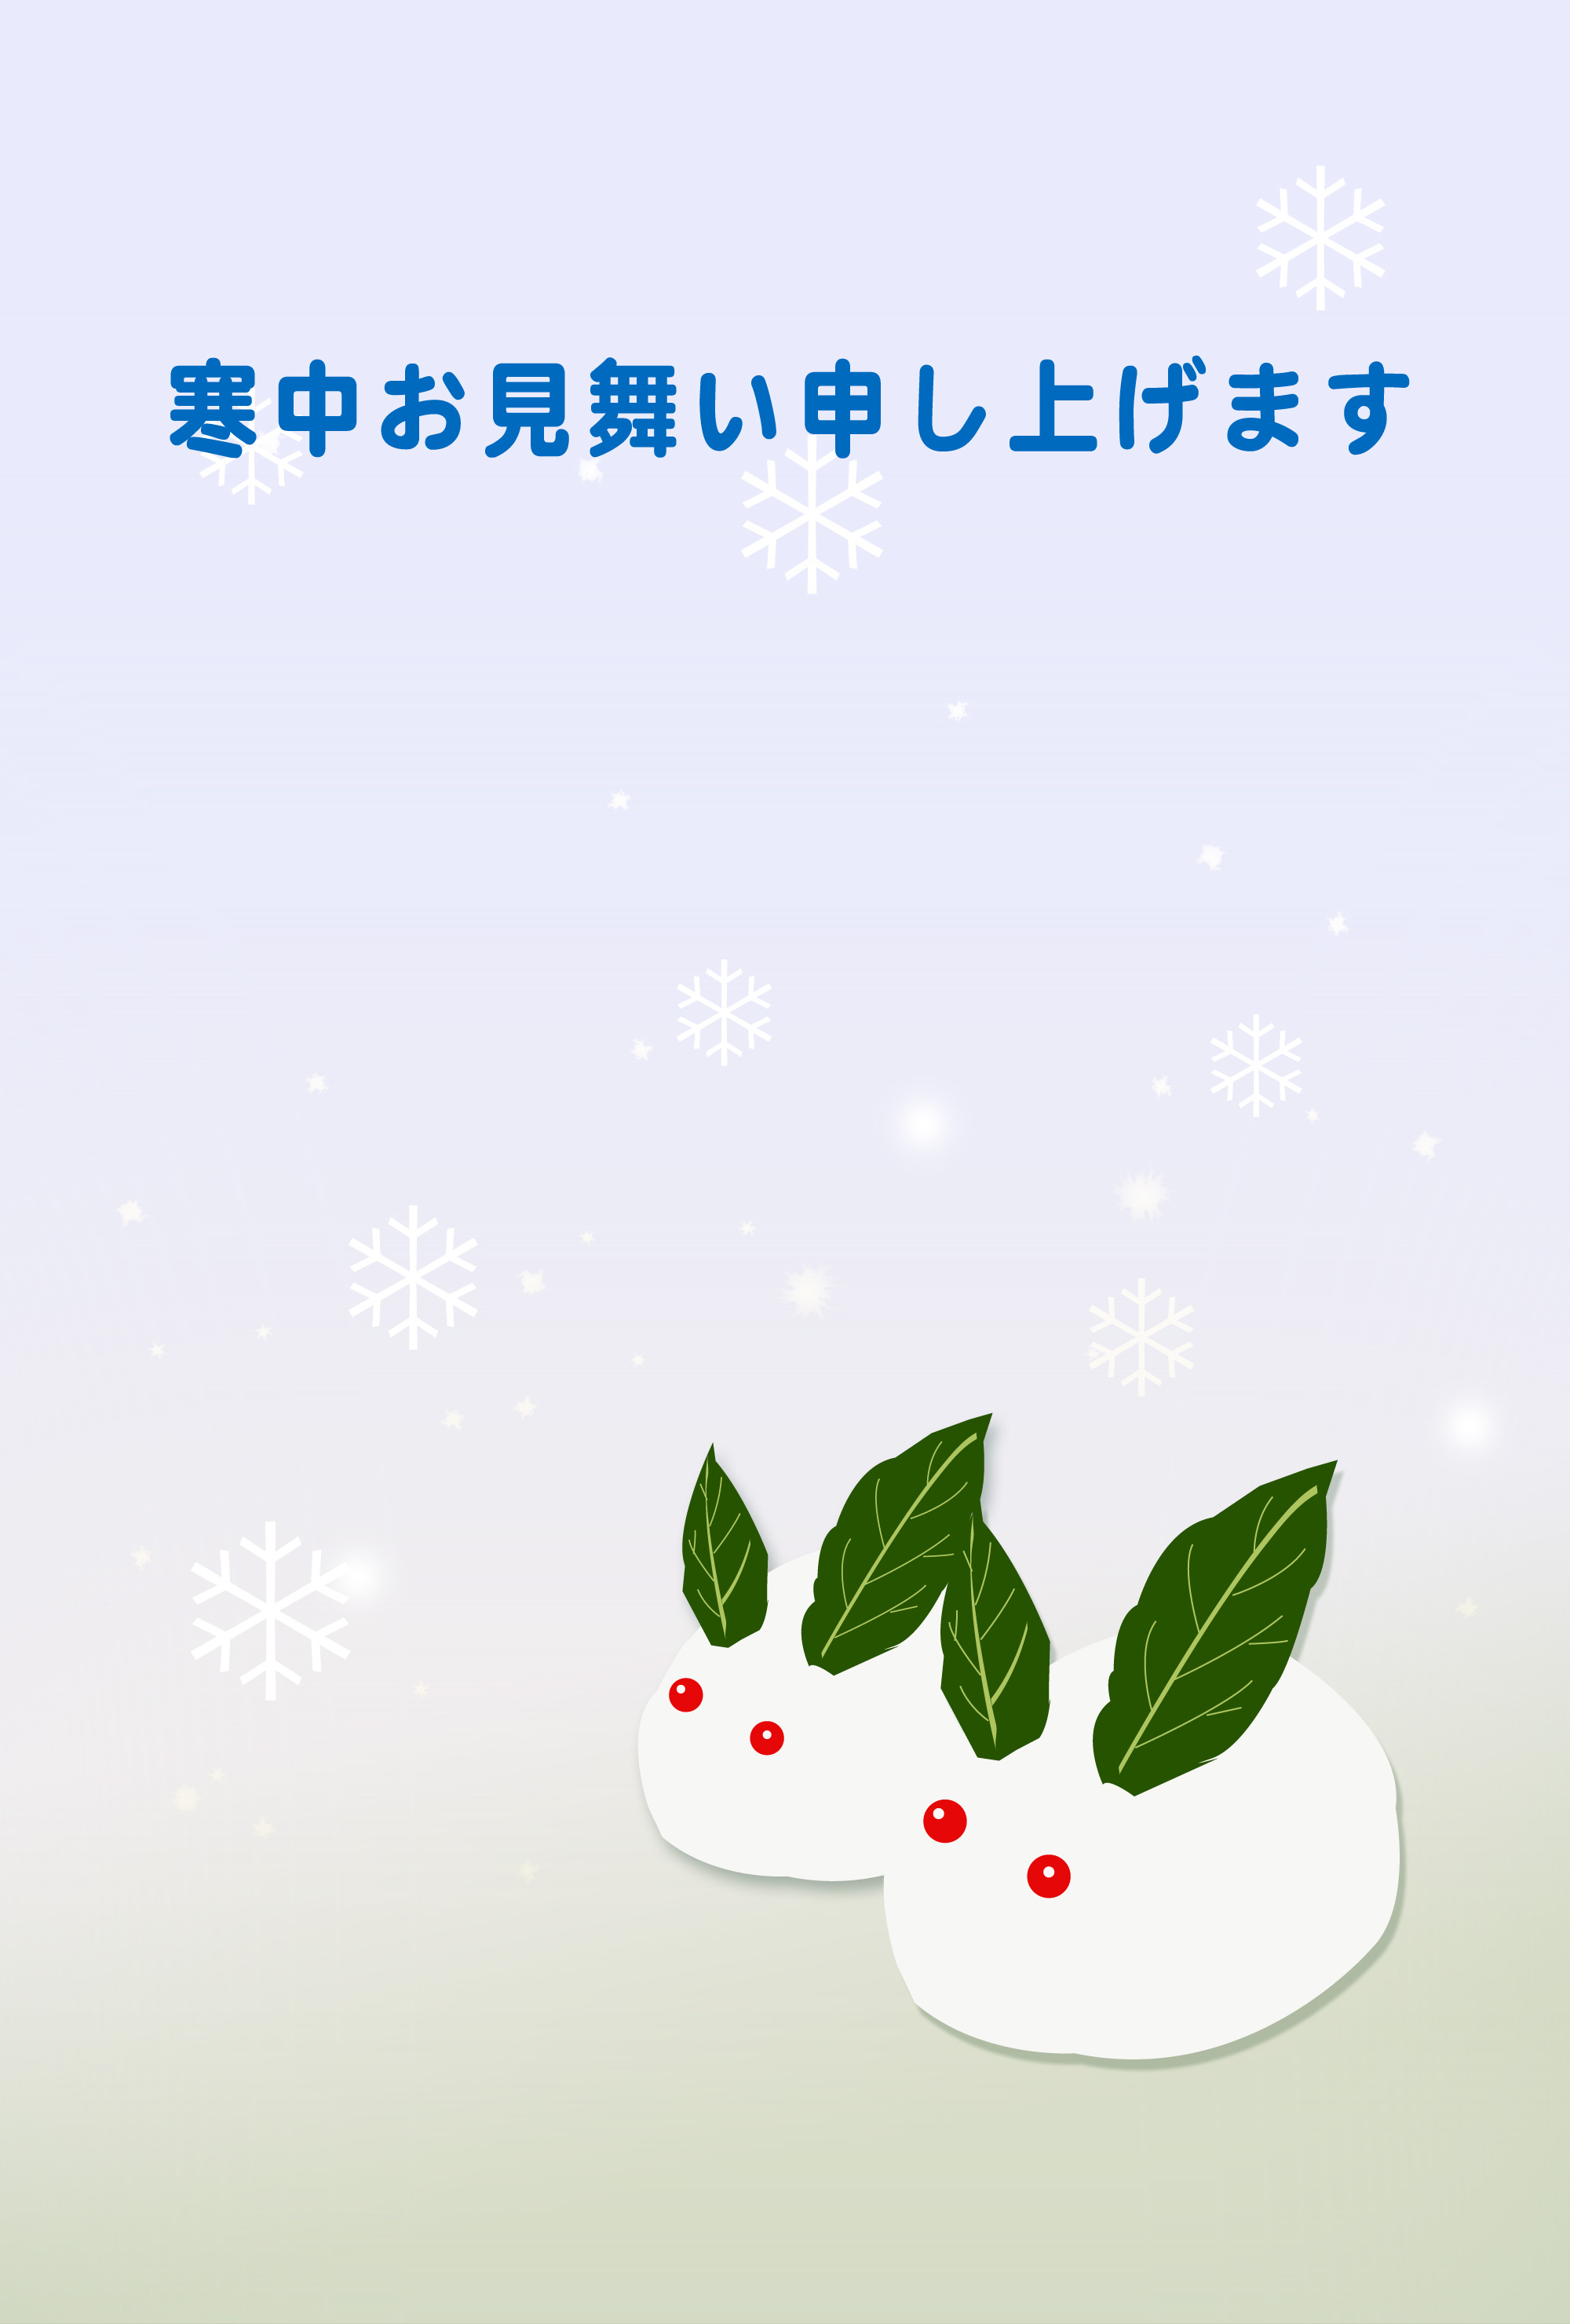 雪うさぎ 寒中見舞い(文なし)